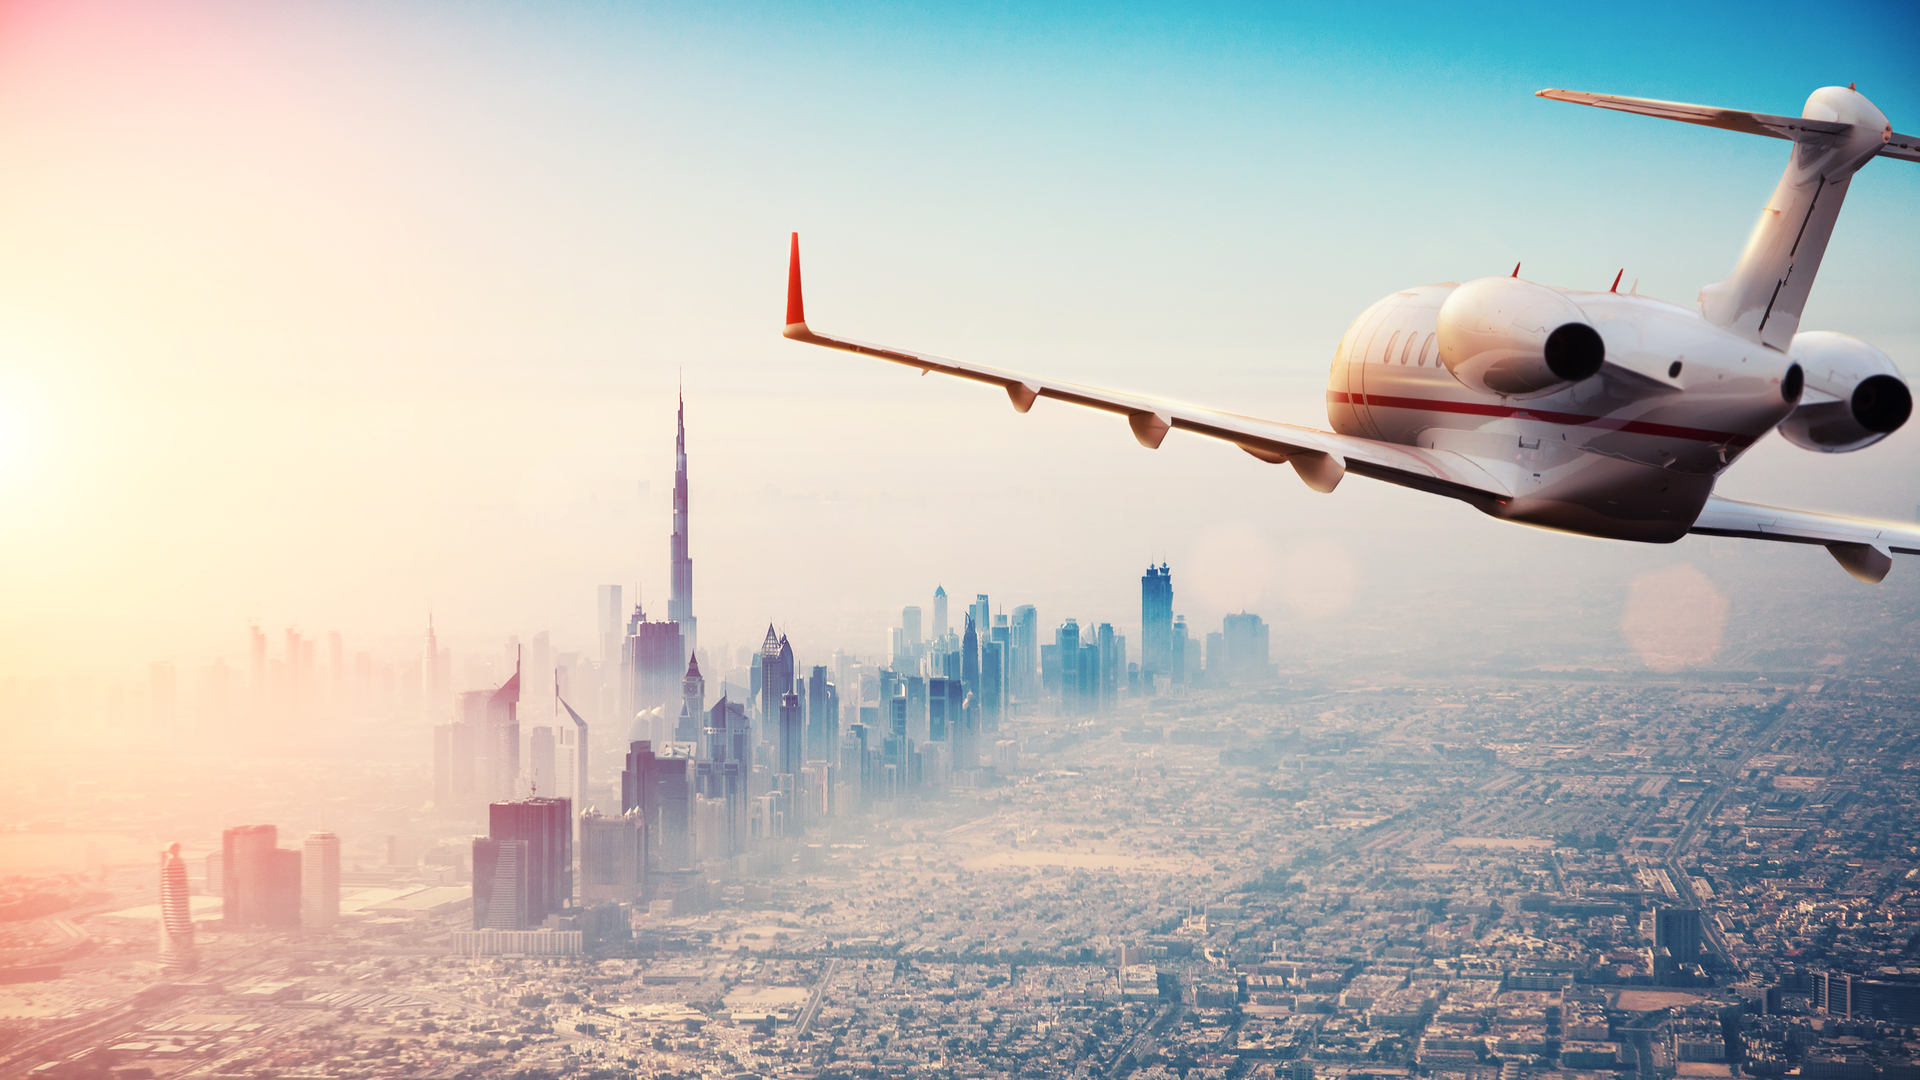 Авіація, важка та оборонна промисловість